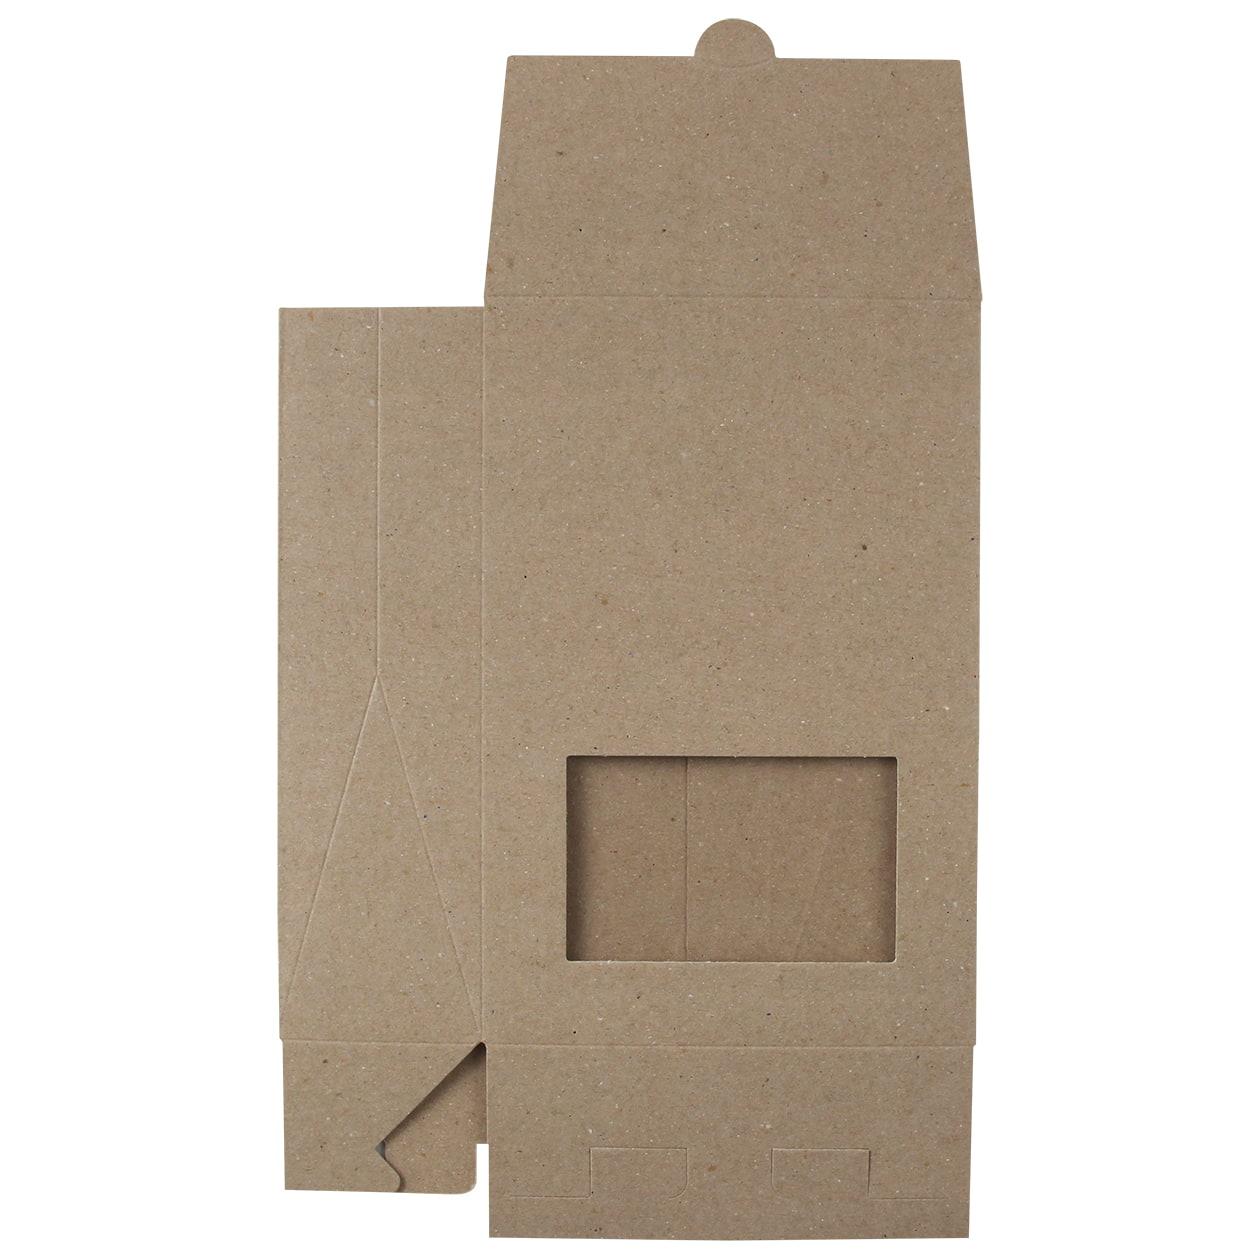 角底箱ロック式120×180×50 窓付 ボード紙 サンド 270g